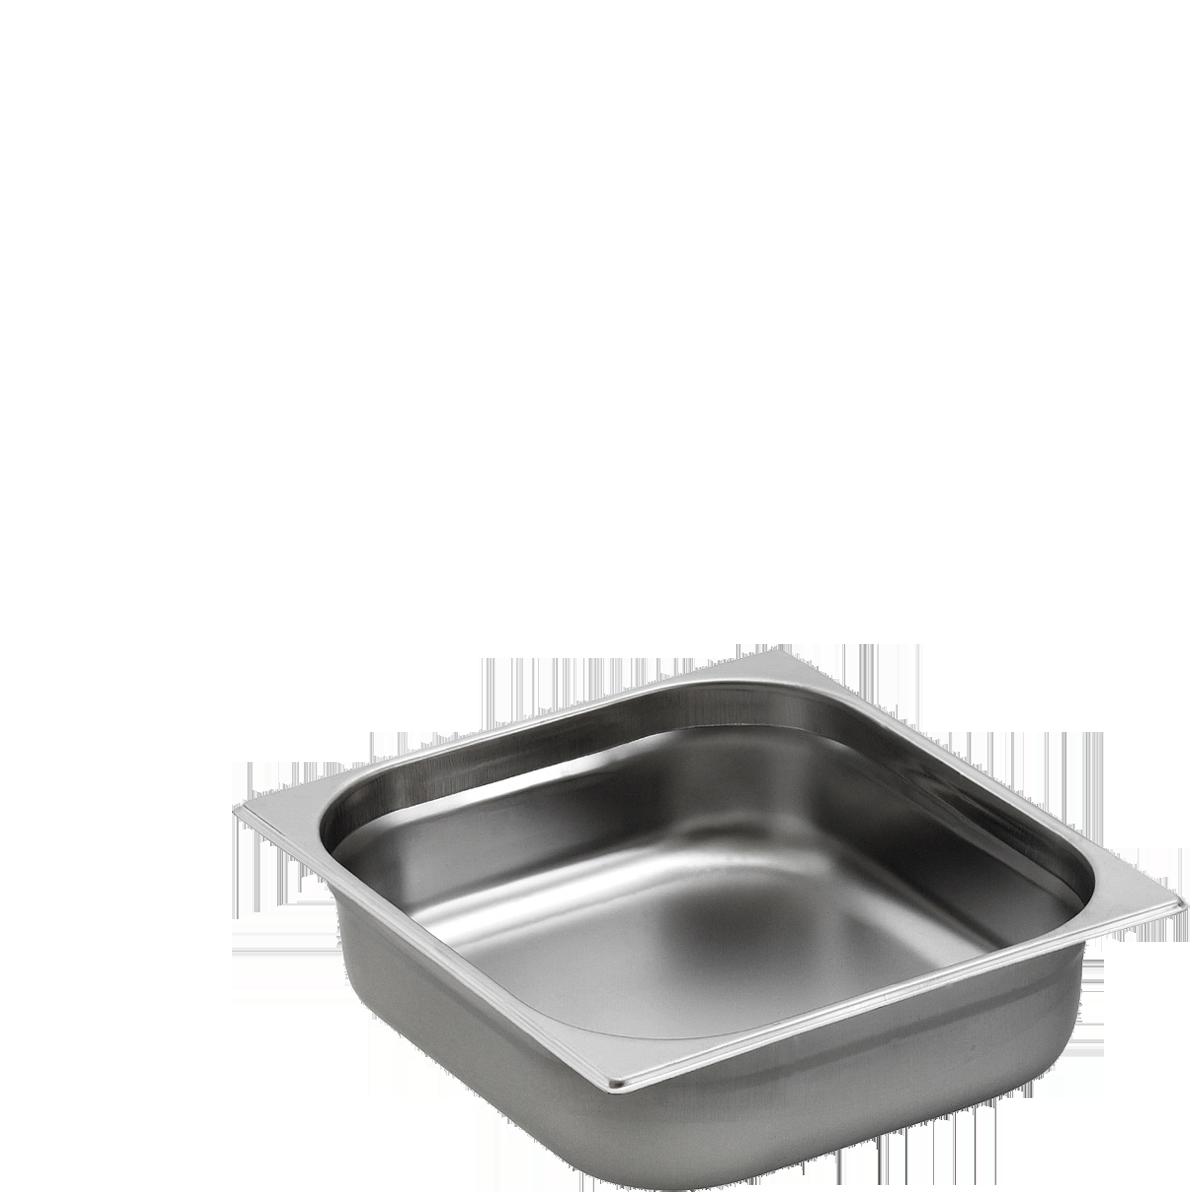 1/2 GN-Behälter für Chafing Dish (65mm)